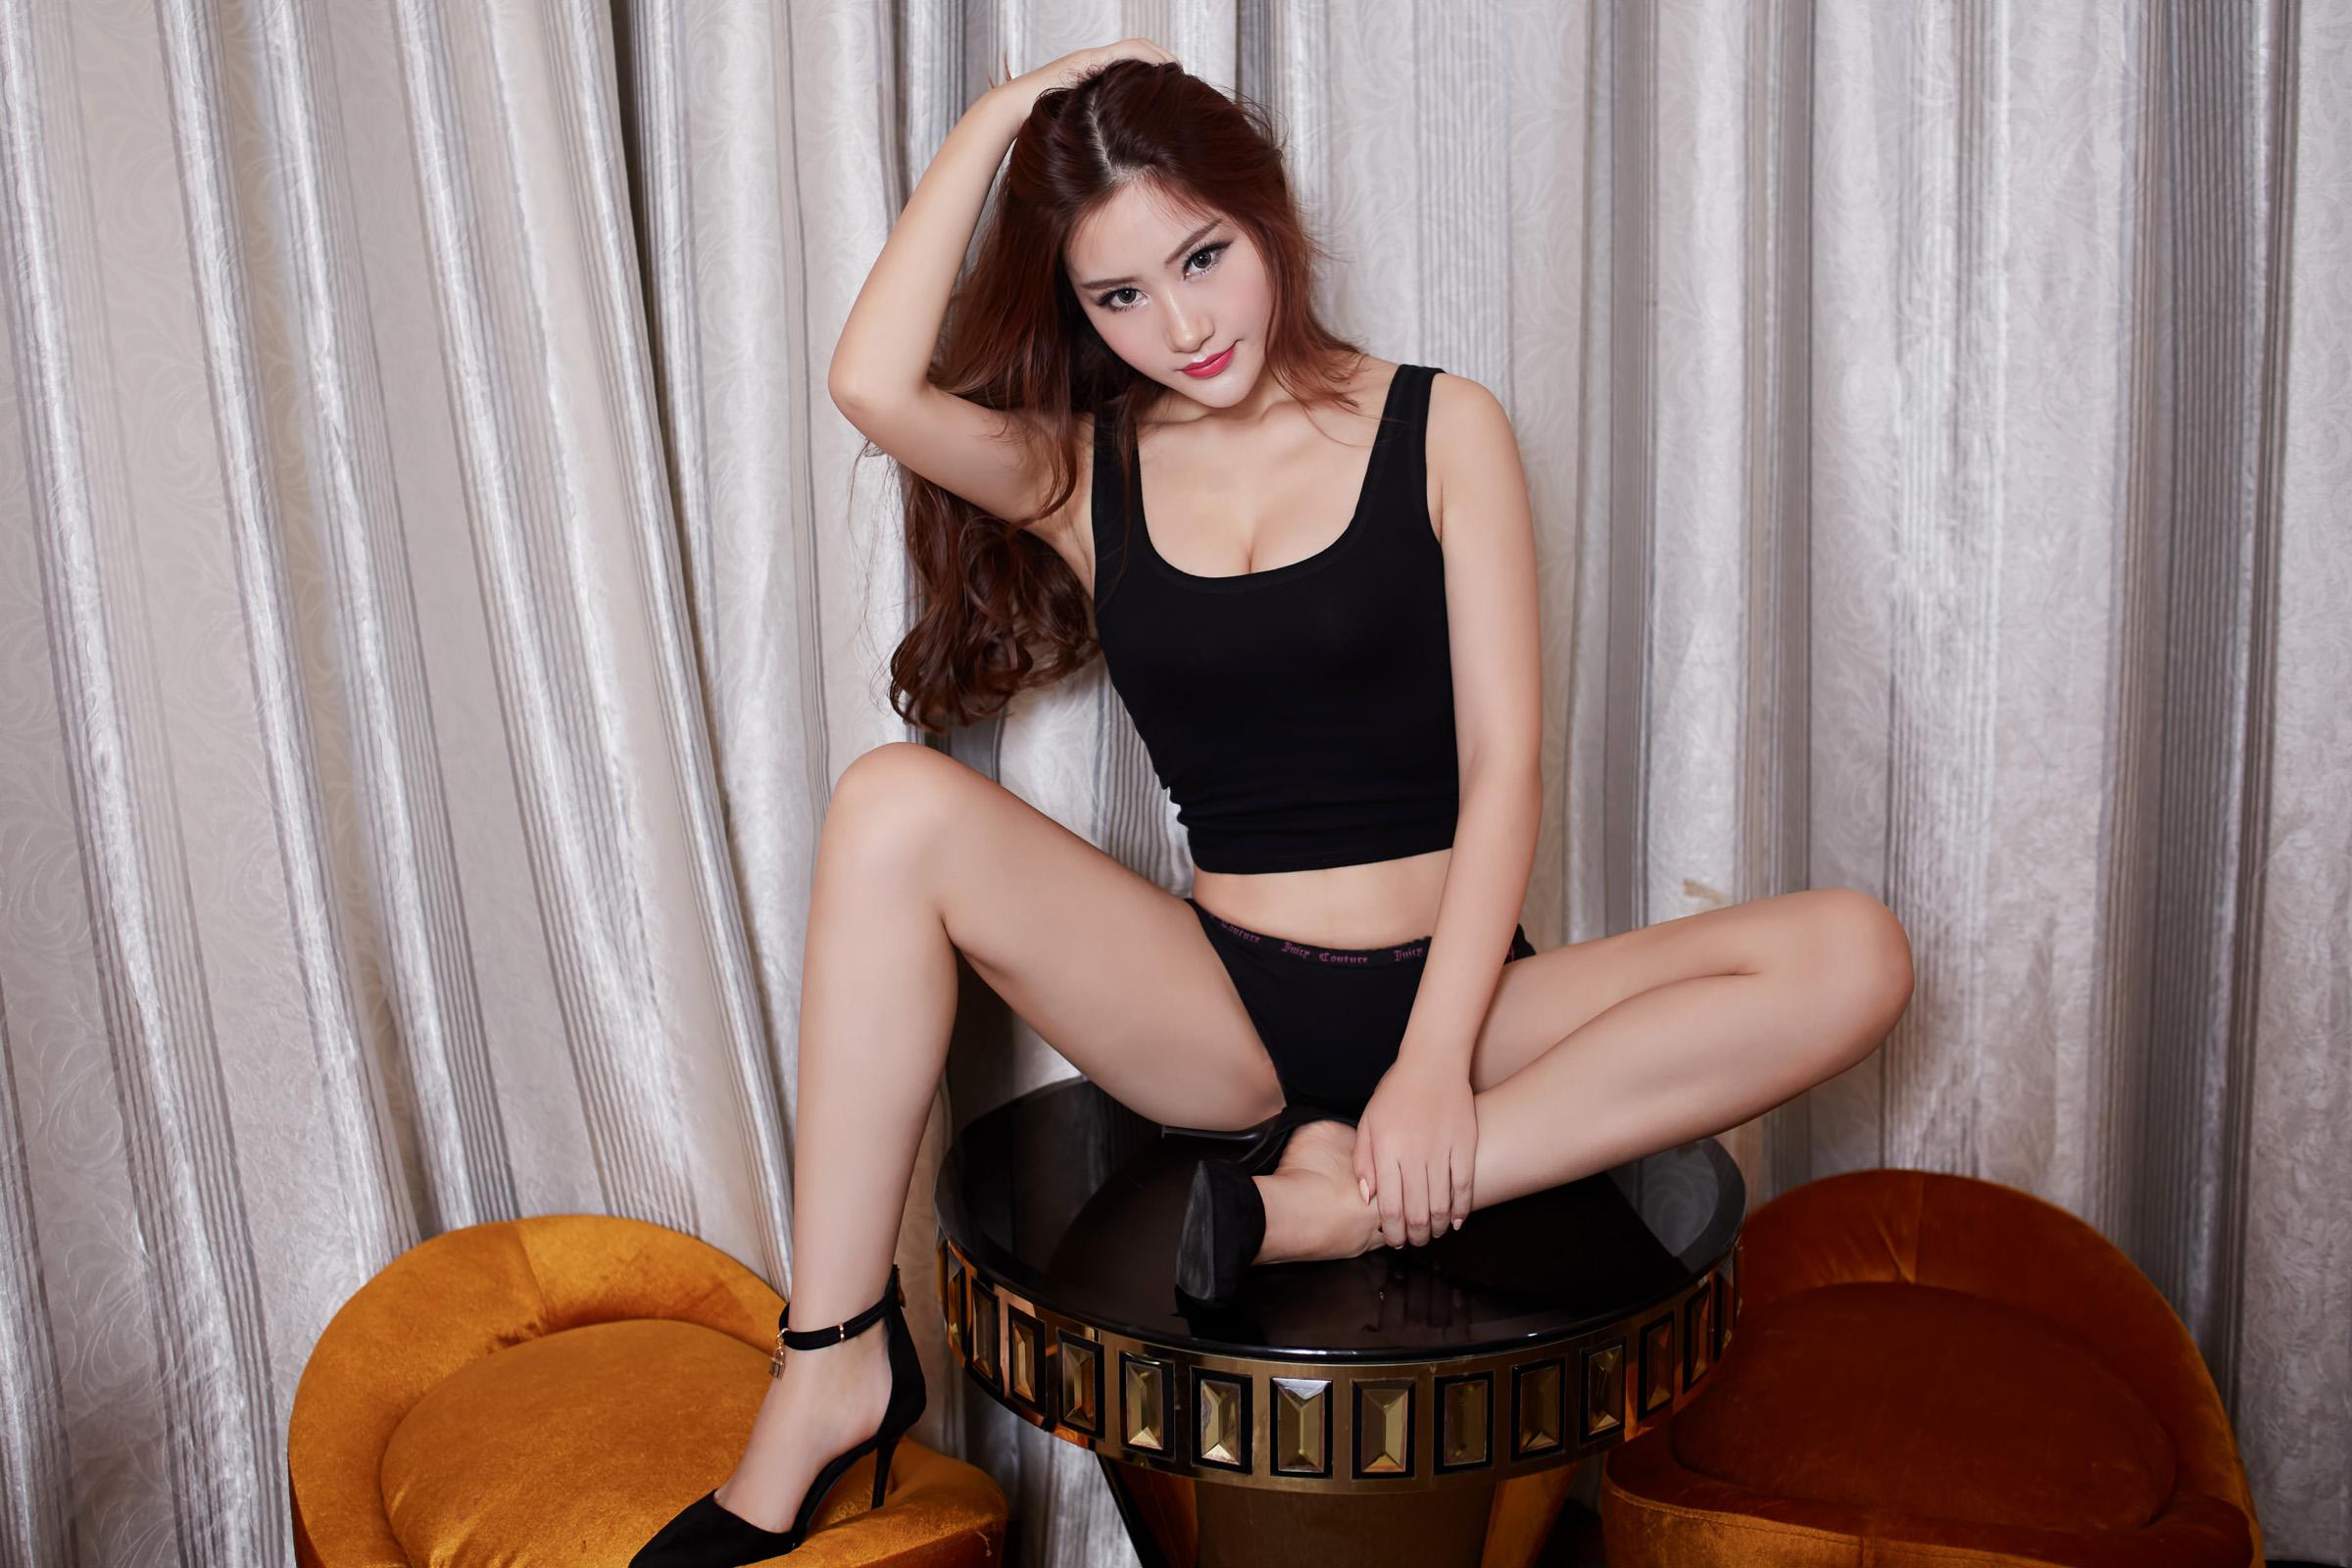 性感平模—王闵多 - 花開有聲 - 花開有聲